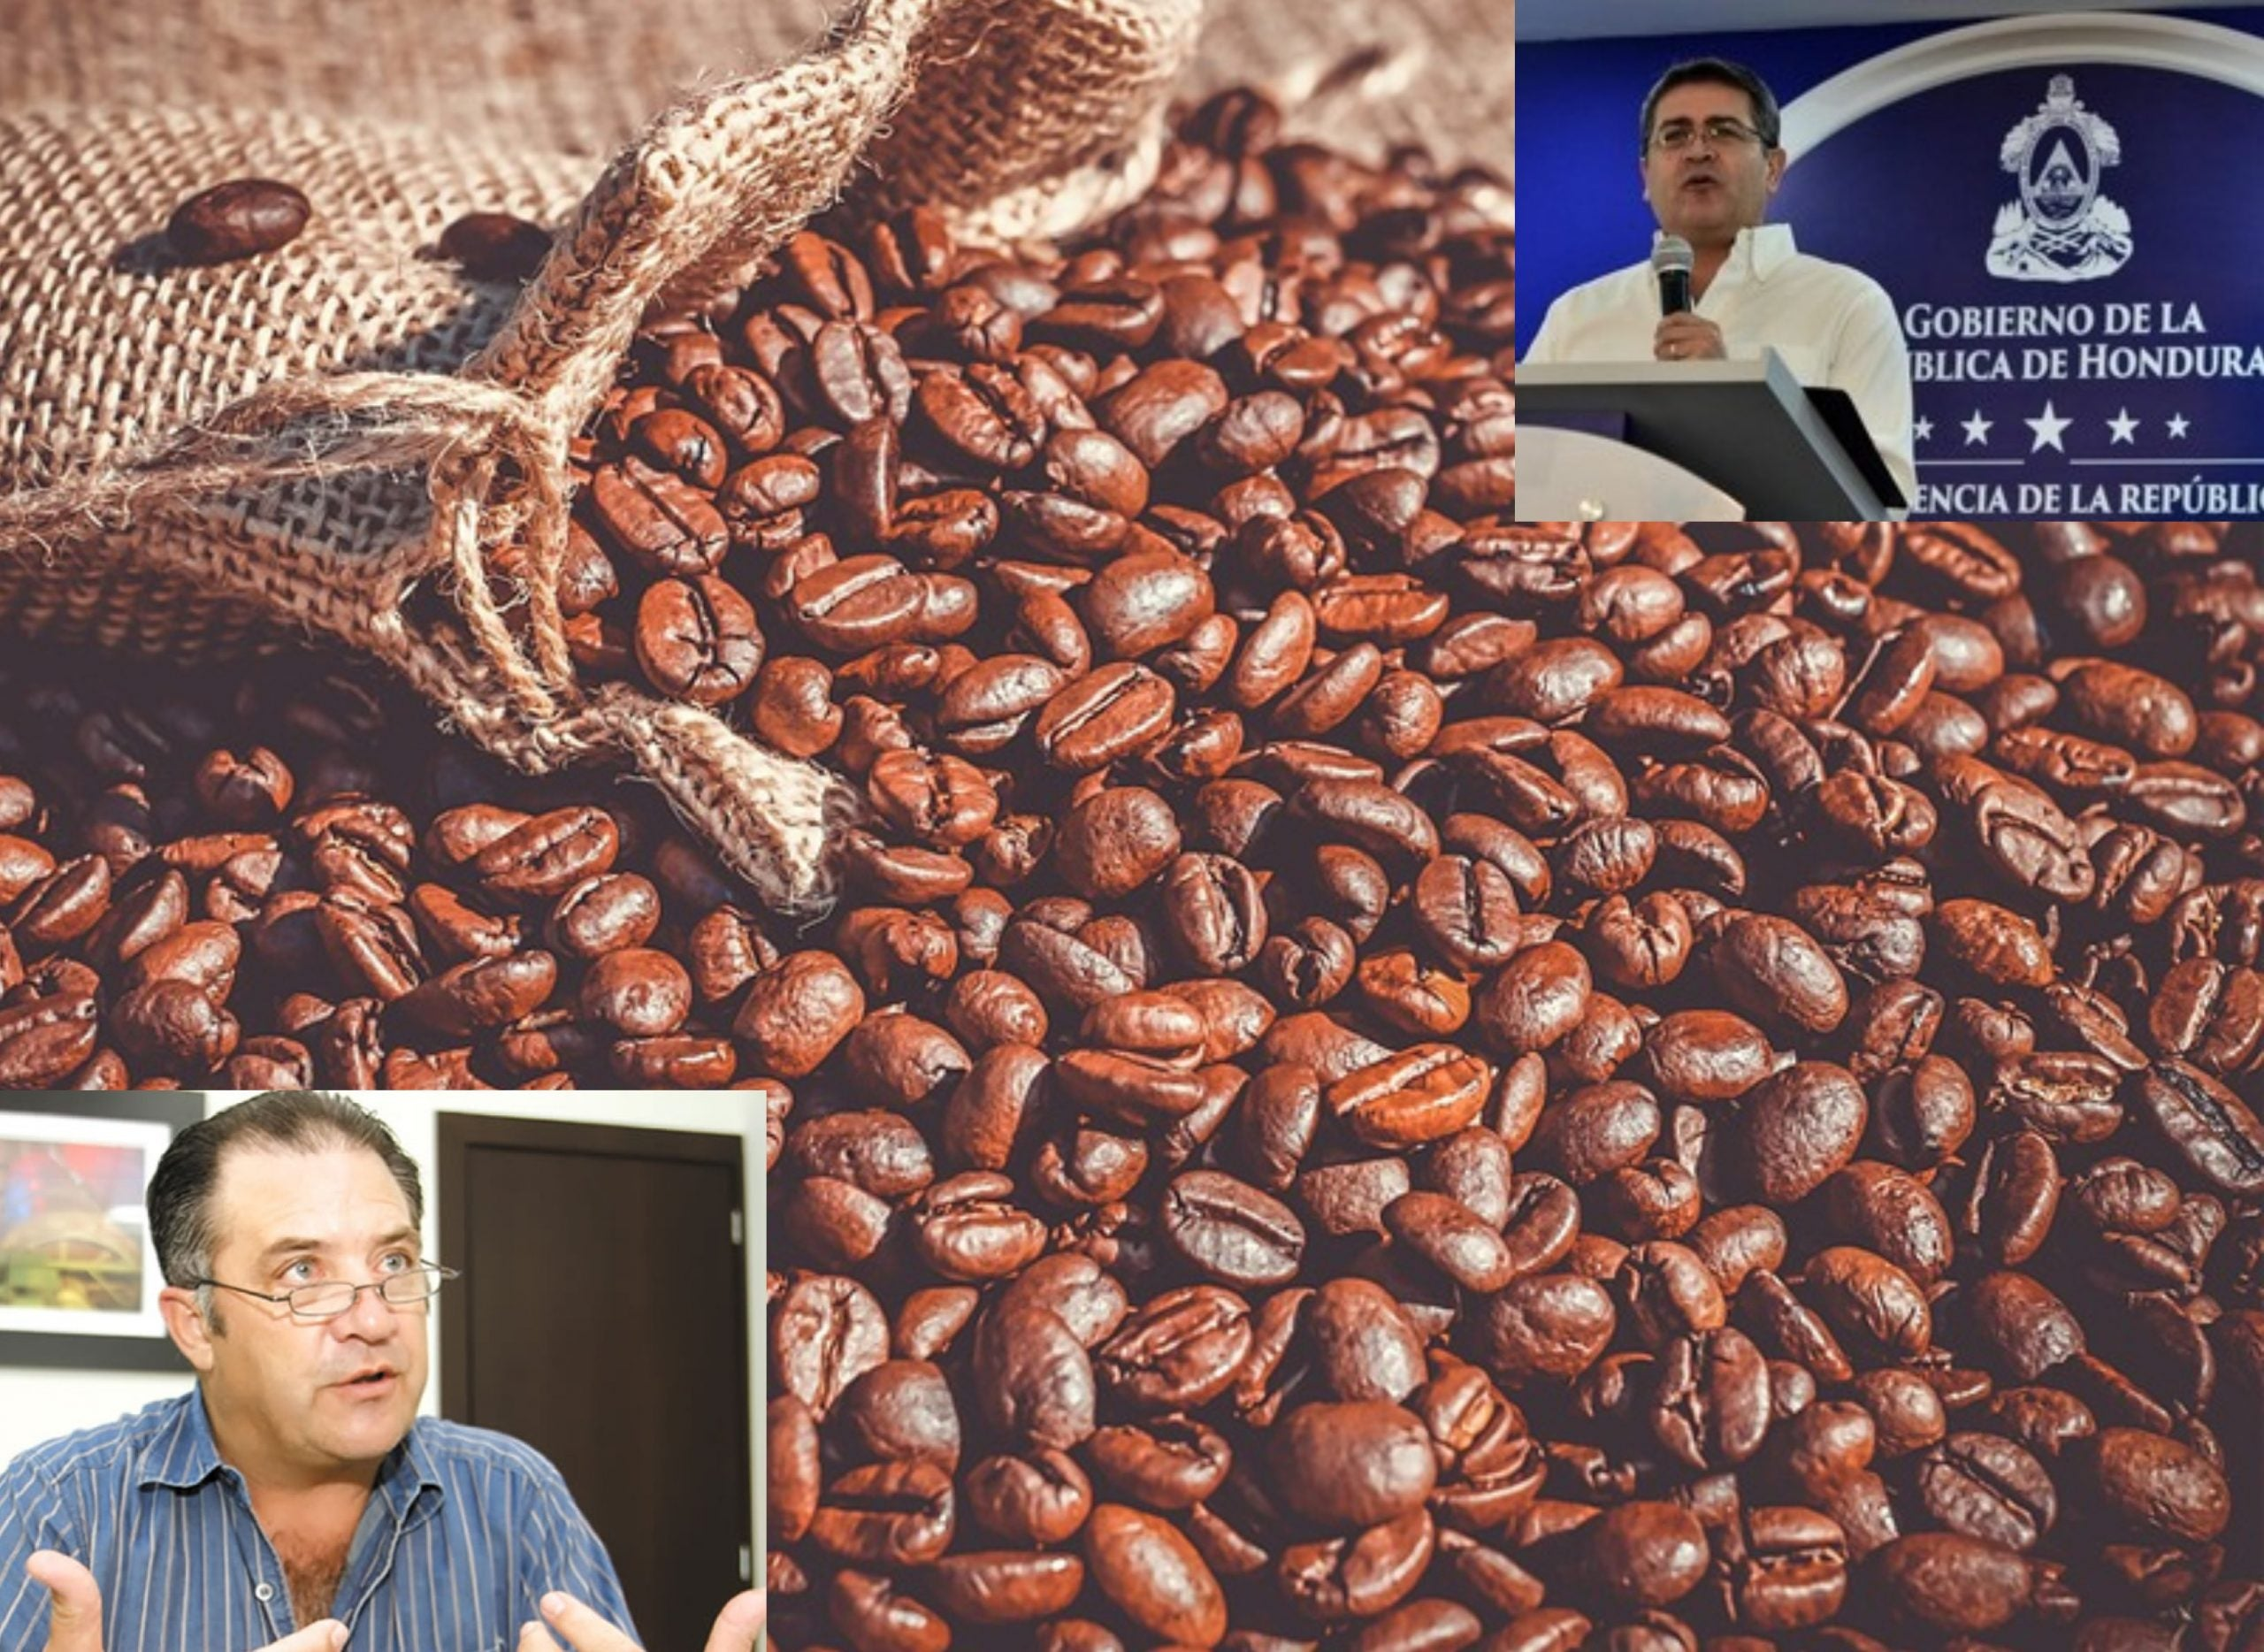 Hallazgo de cocaína en café hondureño